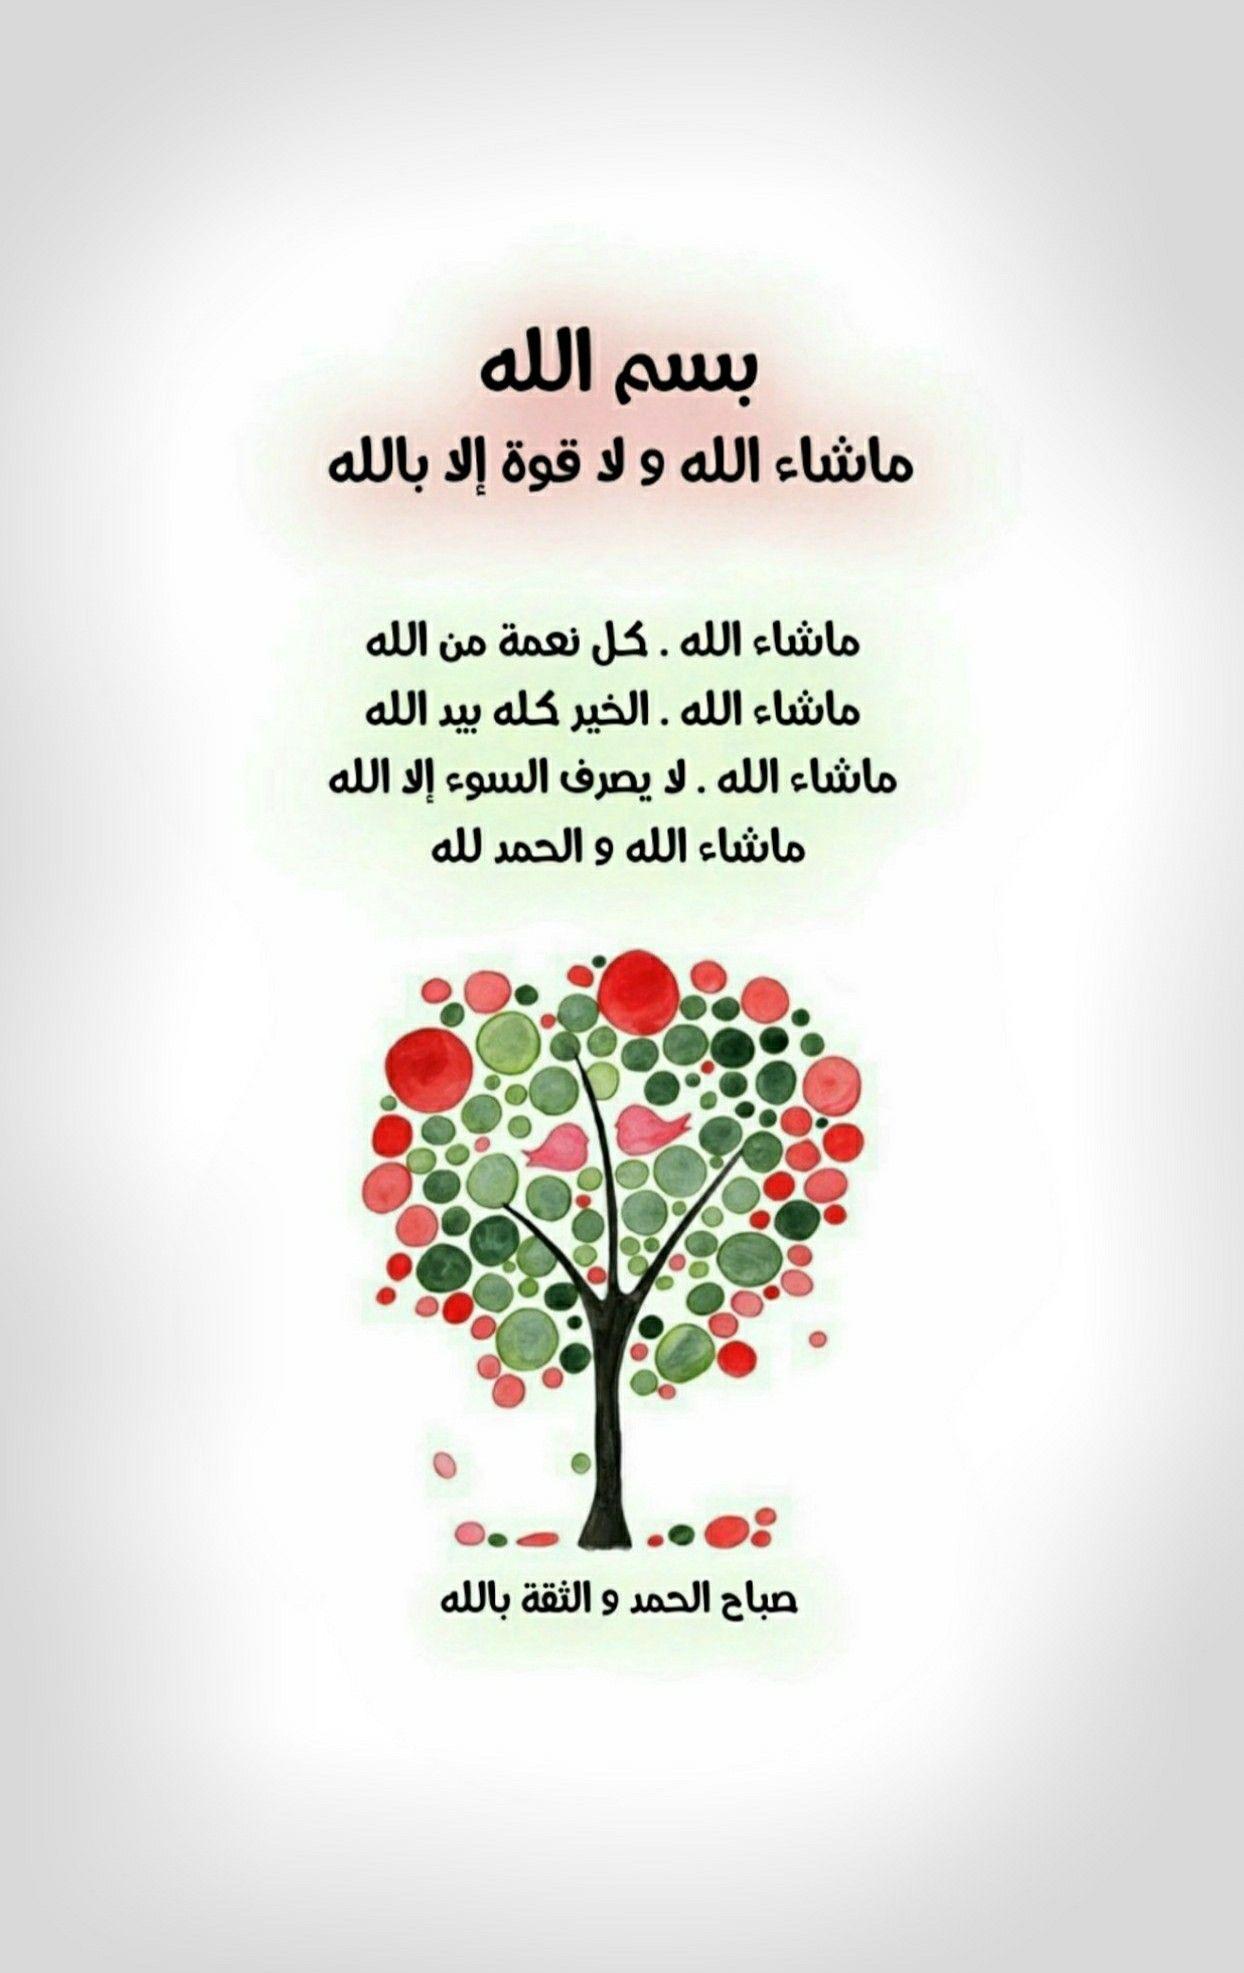 بسم الله ماشاء الله و لا قوة إلا بالله ماشاء الله كل نعمة من الله ماشاء الله الخير كل Good Morning Arabic Good Morning Greetings Islamic Quotes Quran